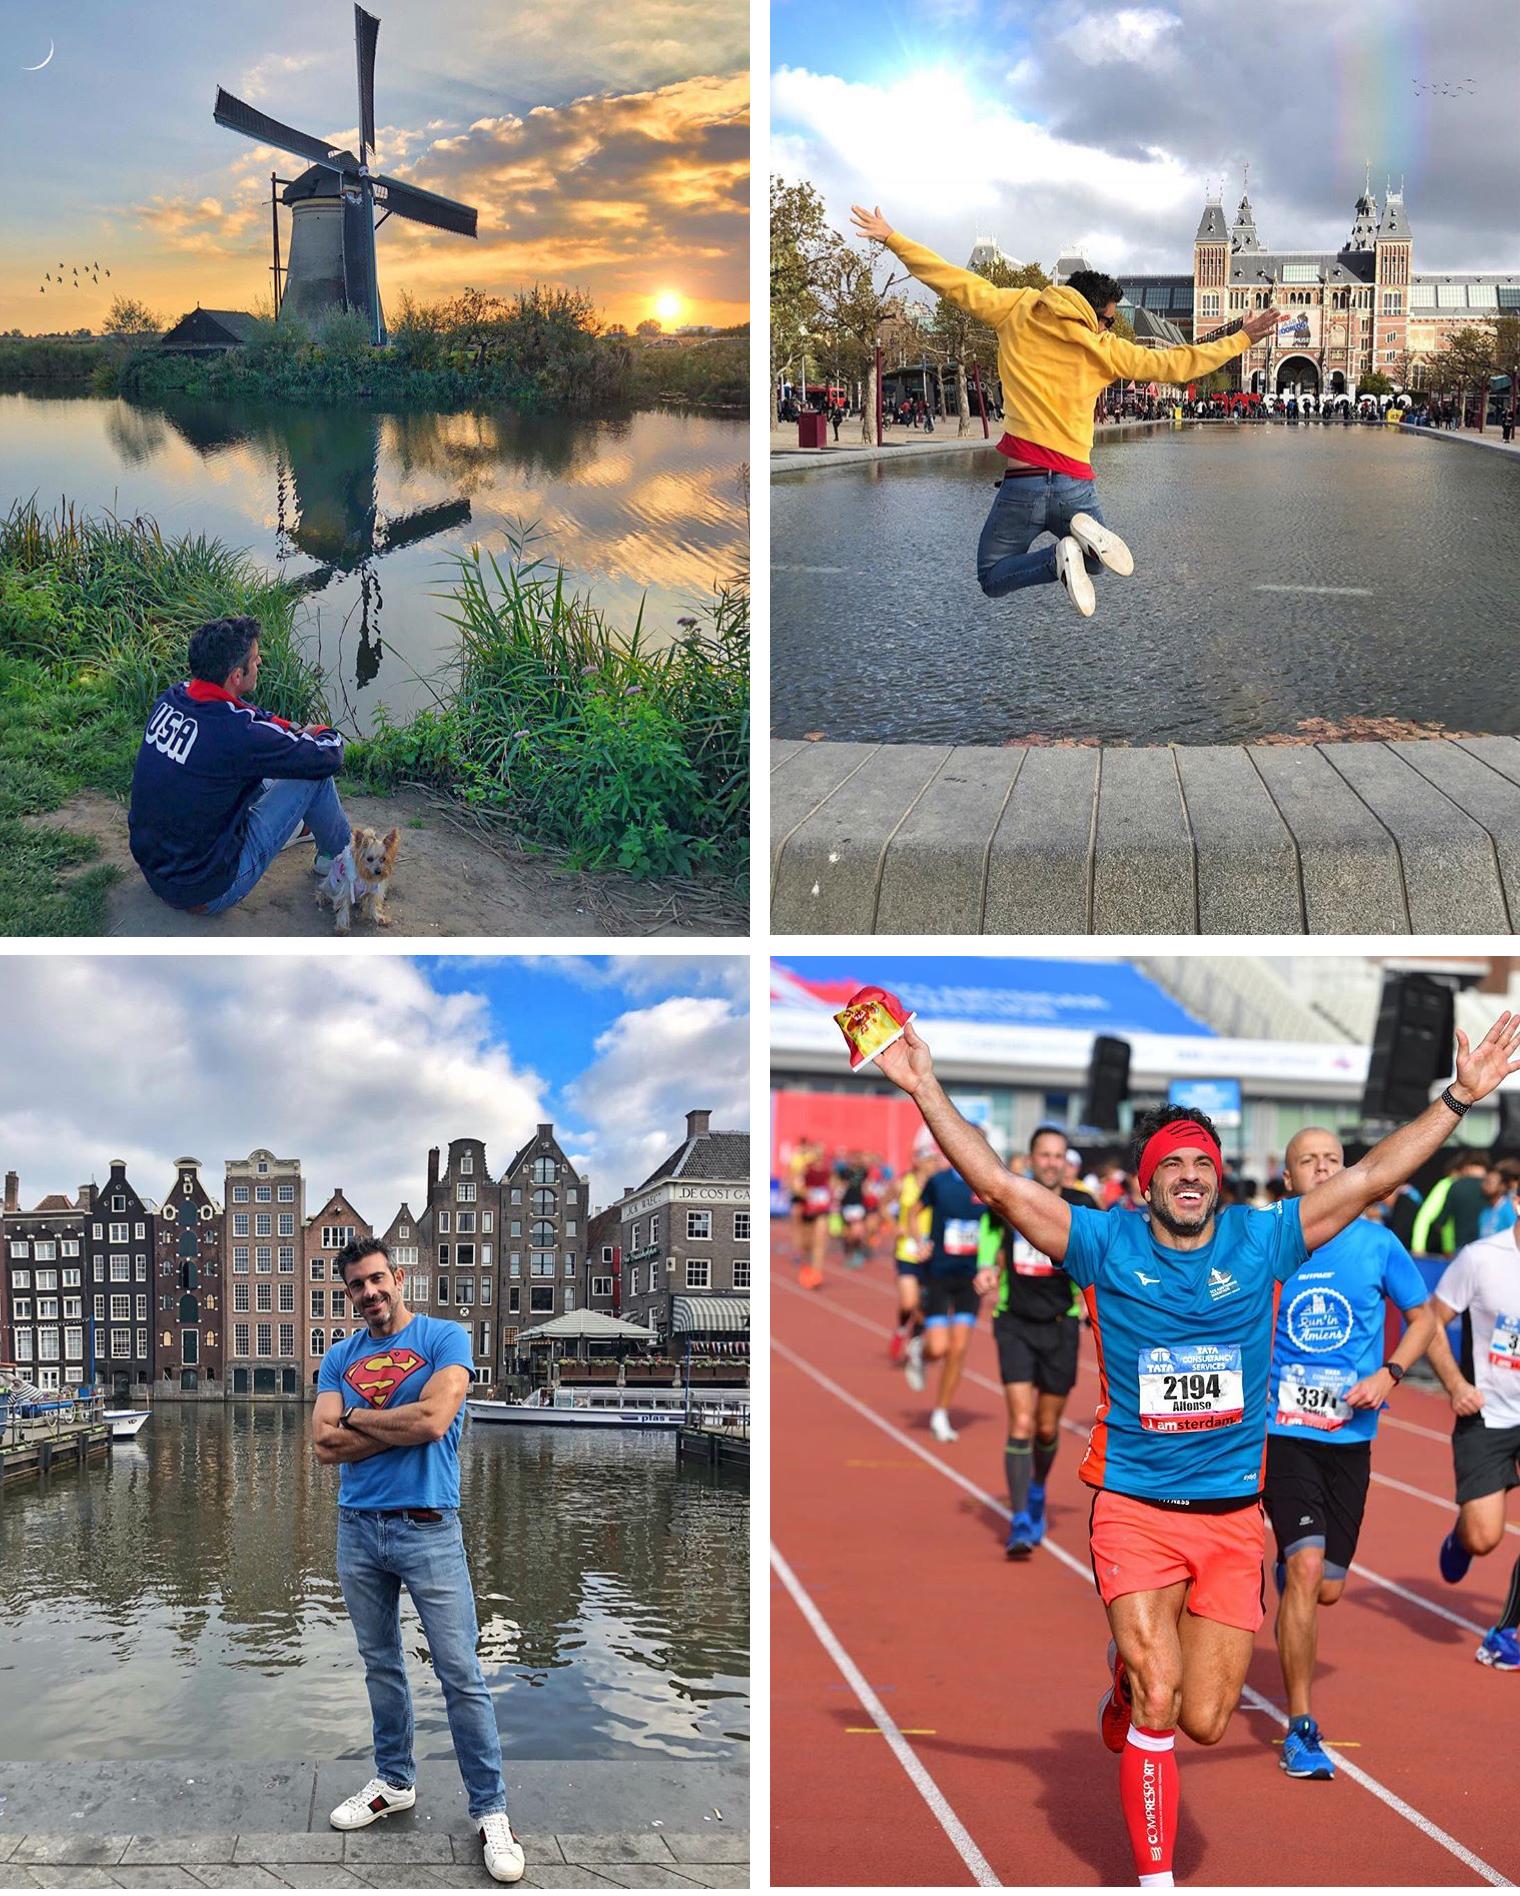 Memoria de viajes 2018 Viajes a Holanda  - 32643332718 69395aa3a1 o - Memoria de Viajes 2018: El año de los Maratones